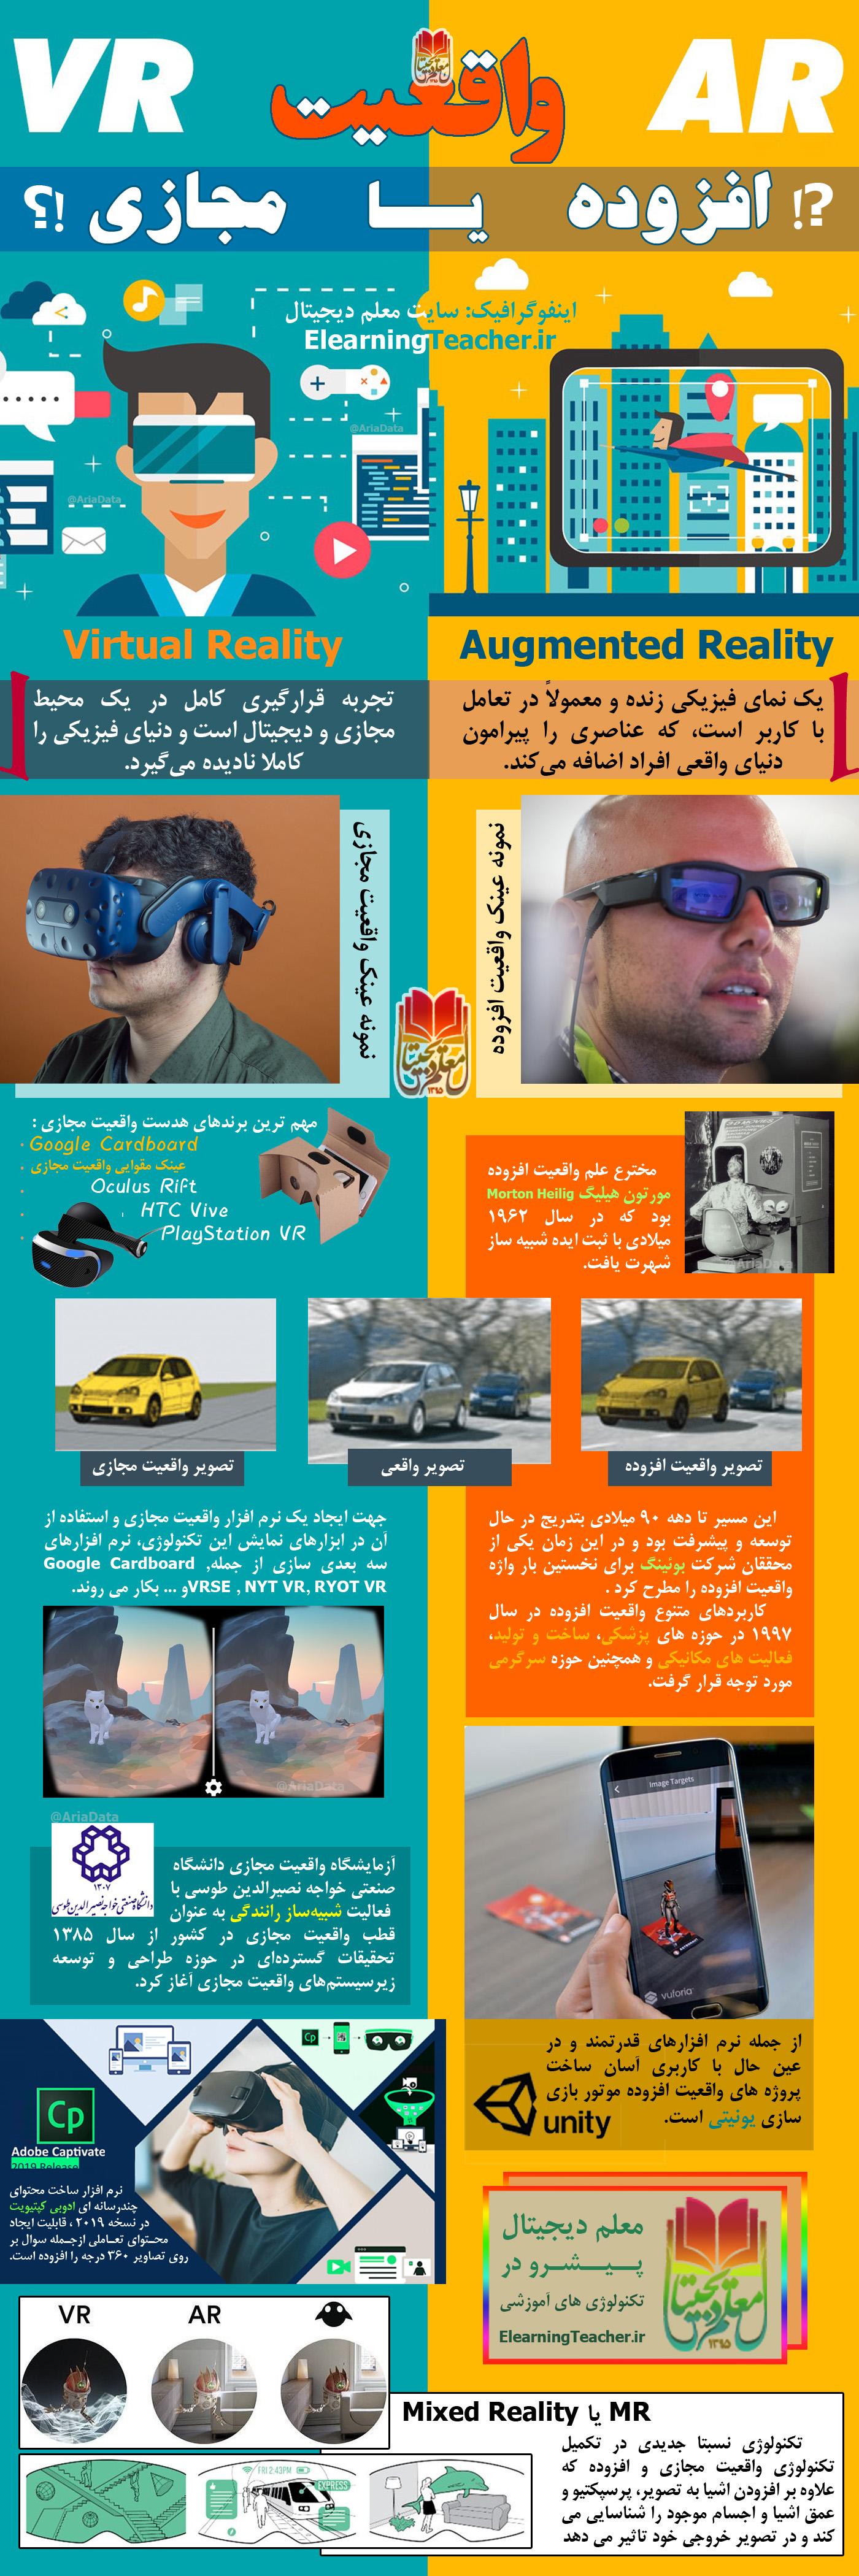 اینفوگرافی تفاوت واقعیت مجازی و واقعیت افزوده